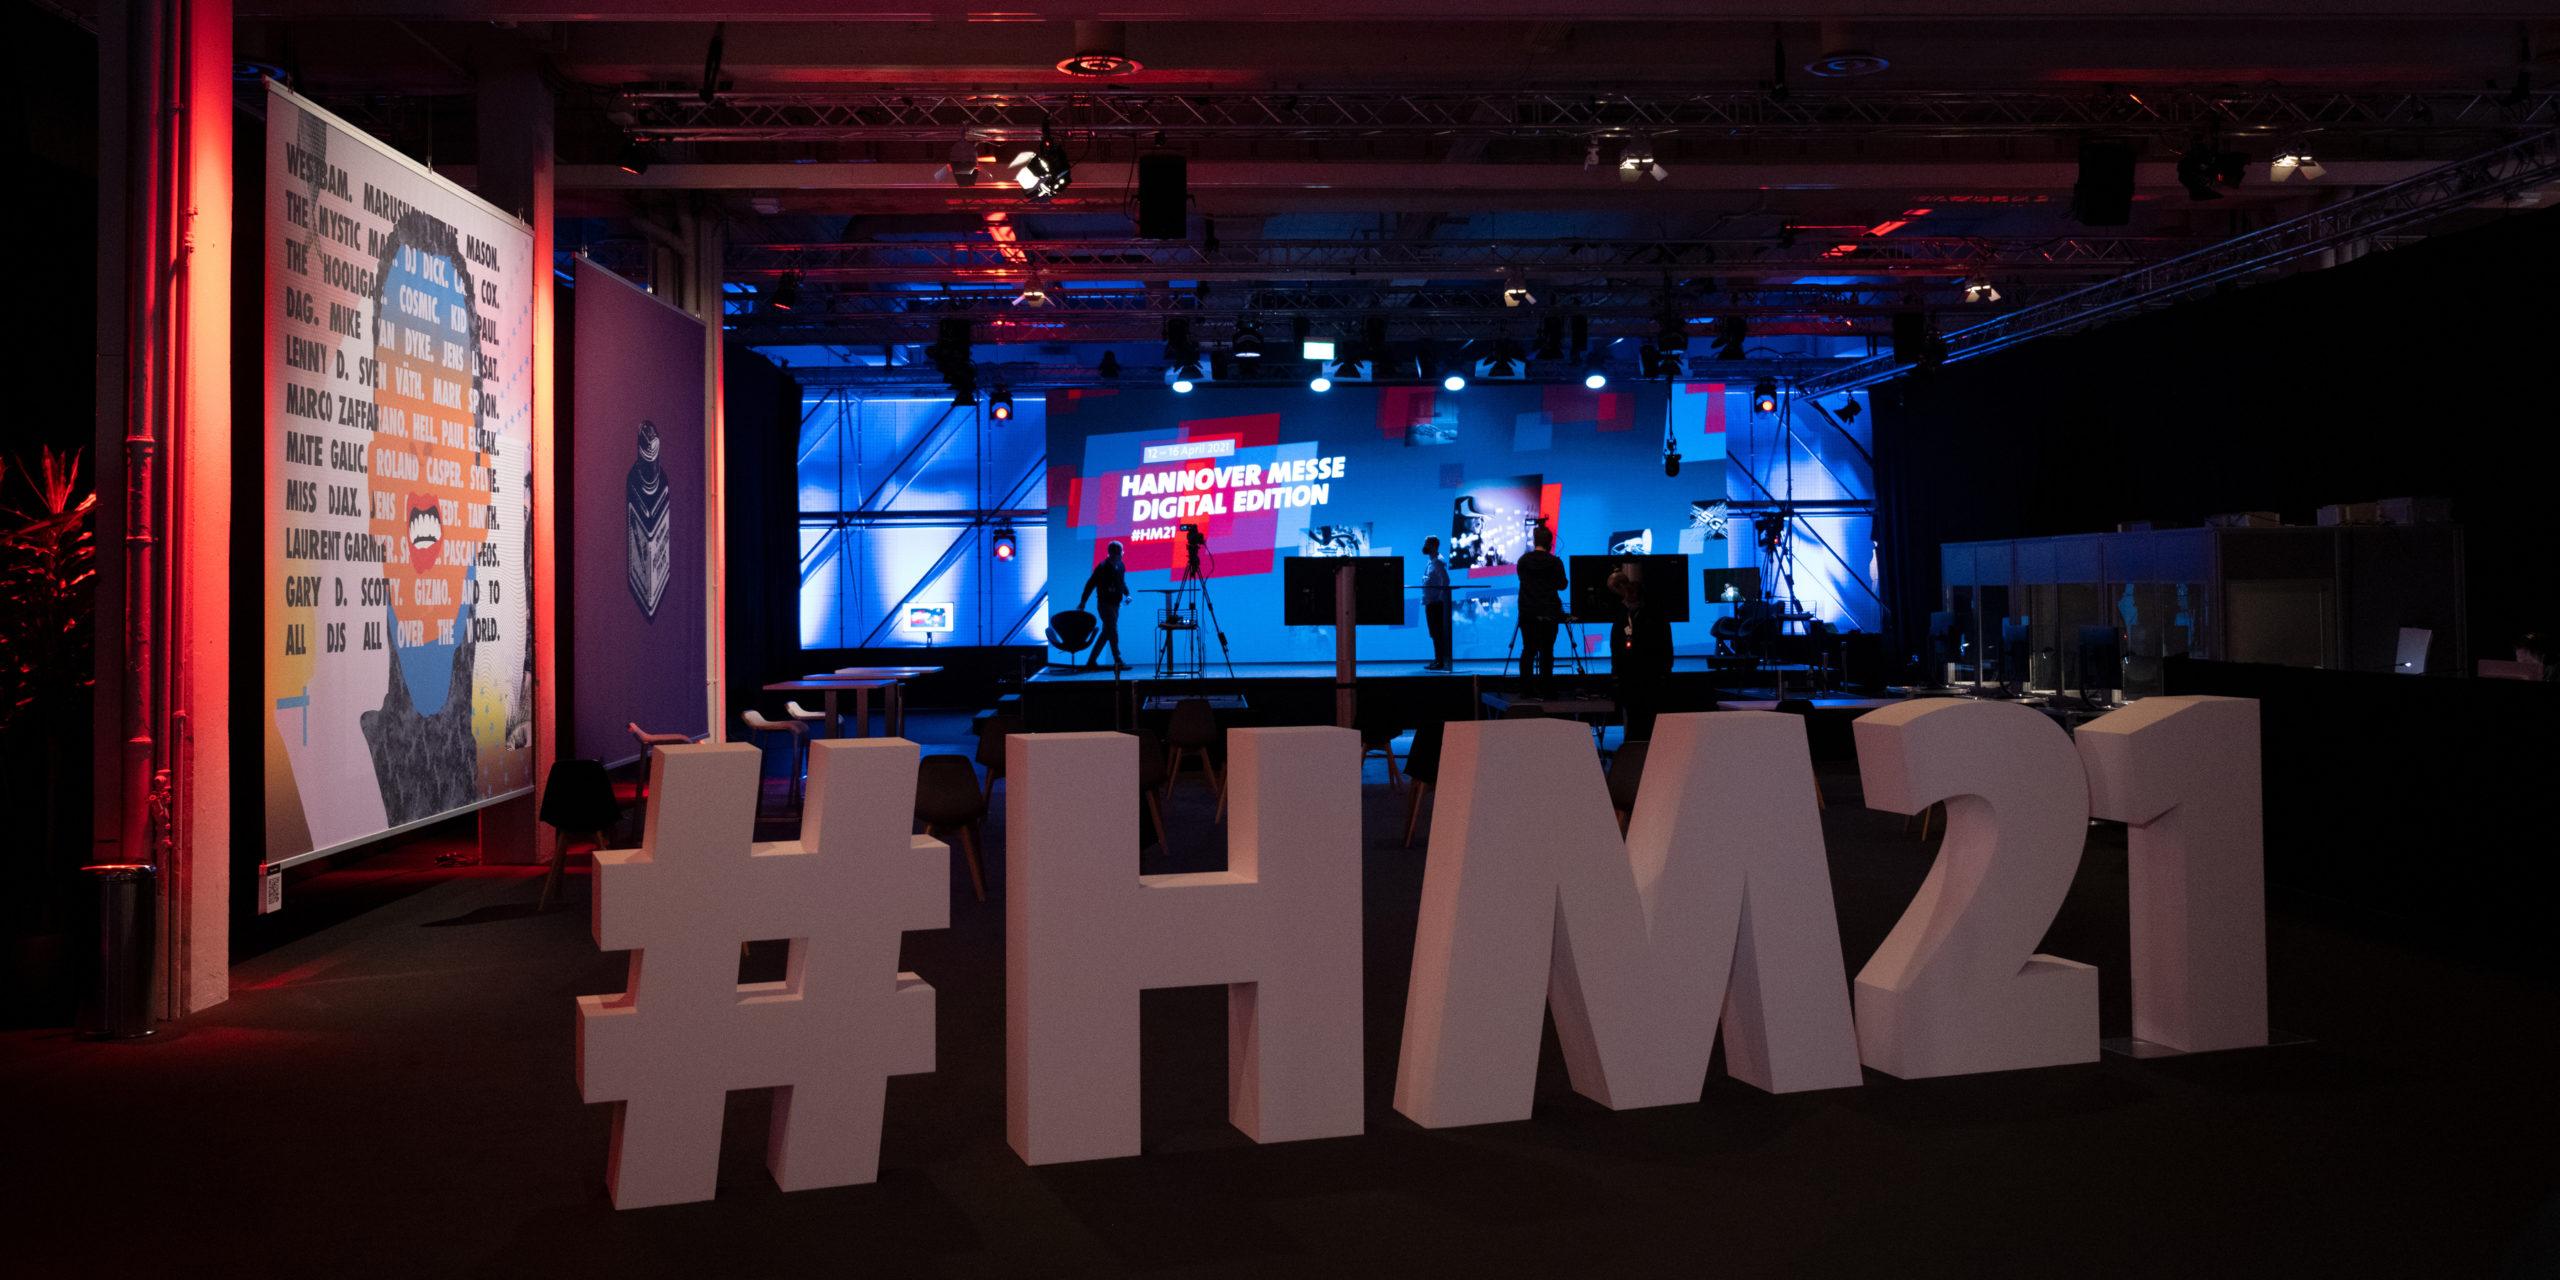 Hannover Messe 2021 Digital Edition: Am 12. April ist die diesjährige Hannover-Messe gestartet. Bild: Deutsche Messe